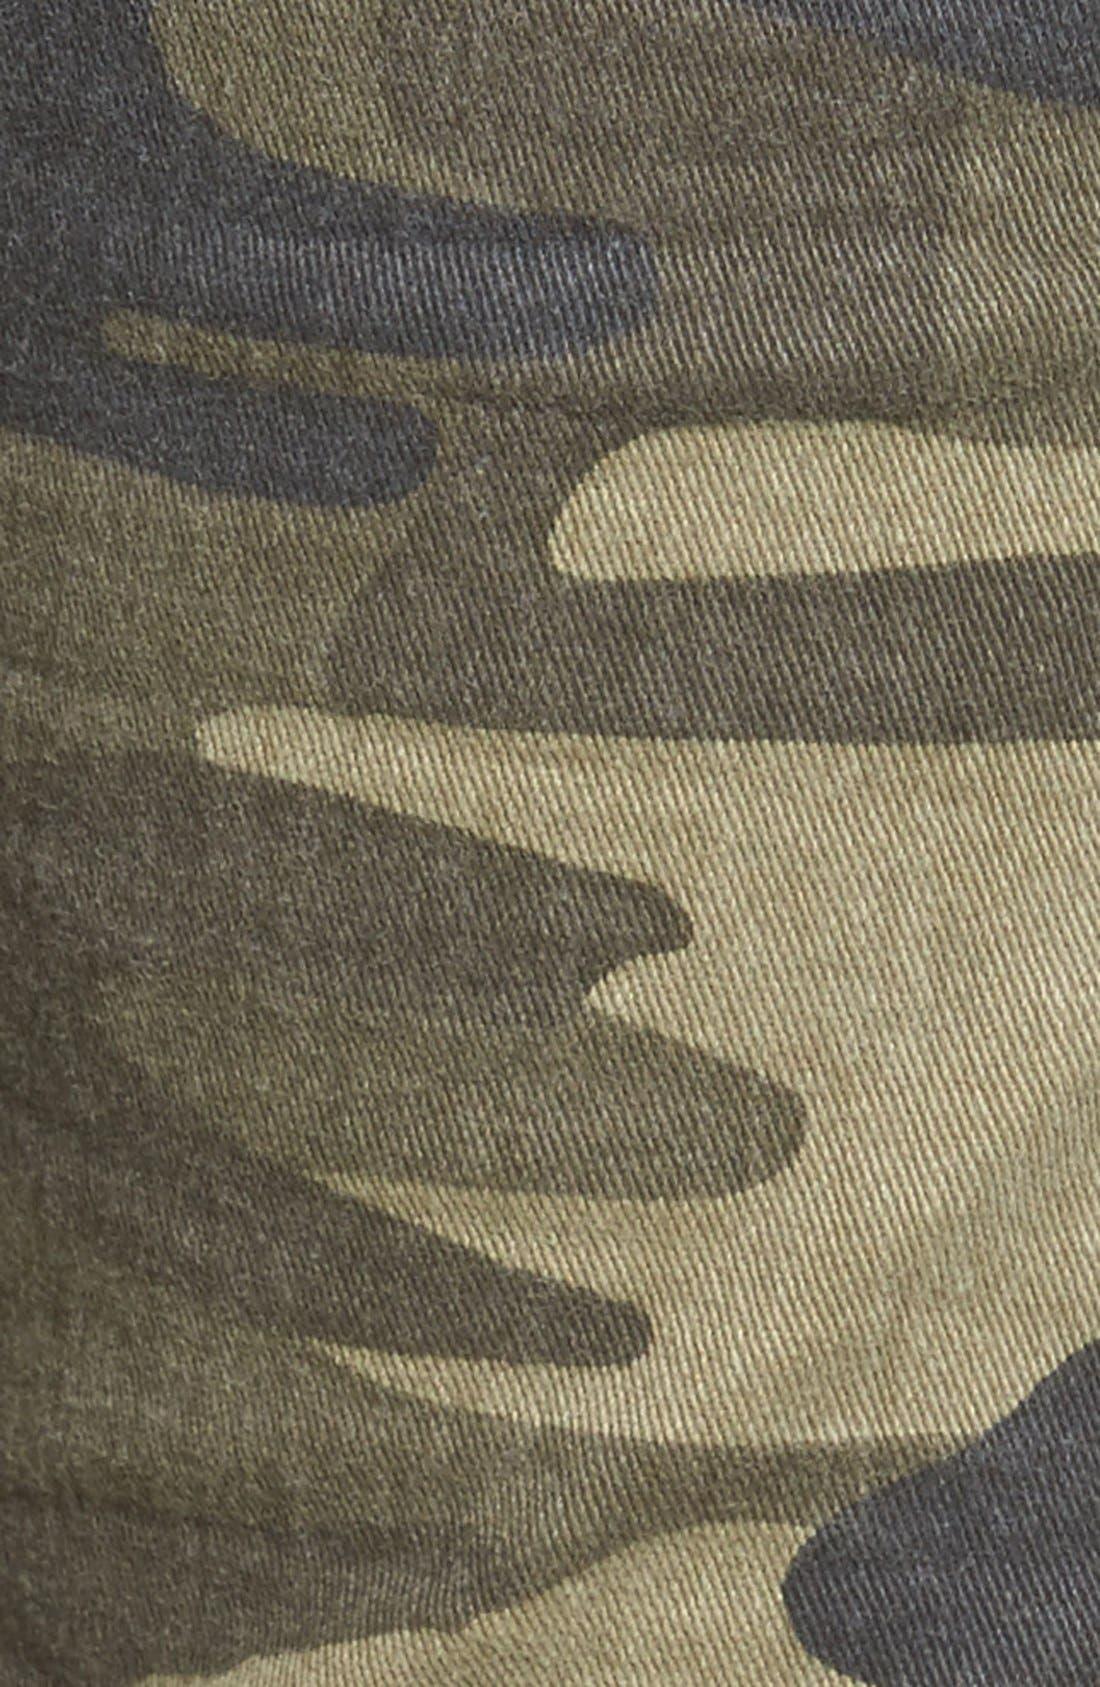 Juliette Camo Print Military Cargo Pants,                         Main,                         color, 300